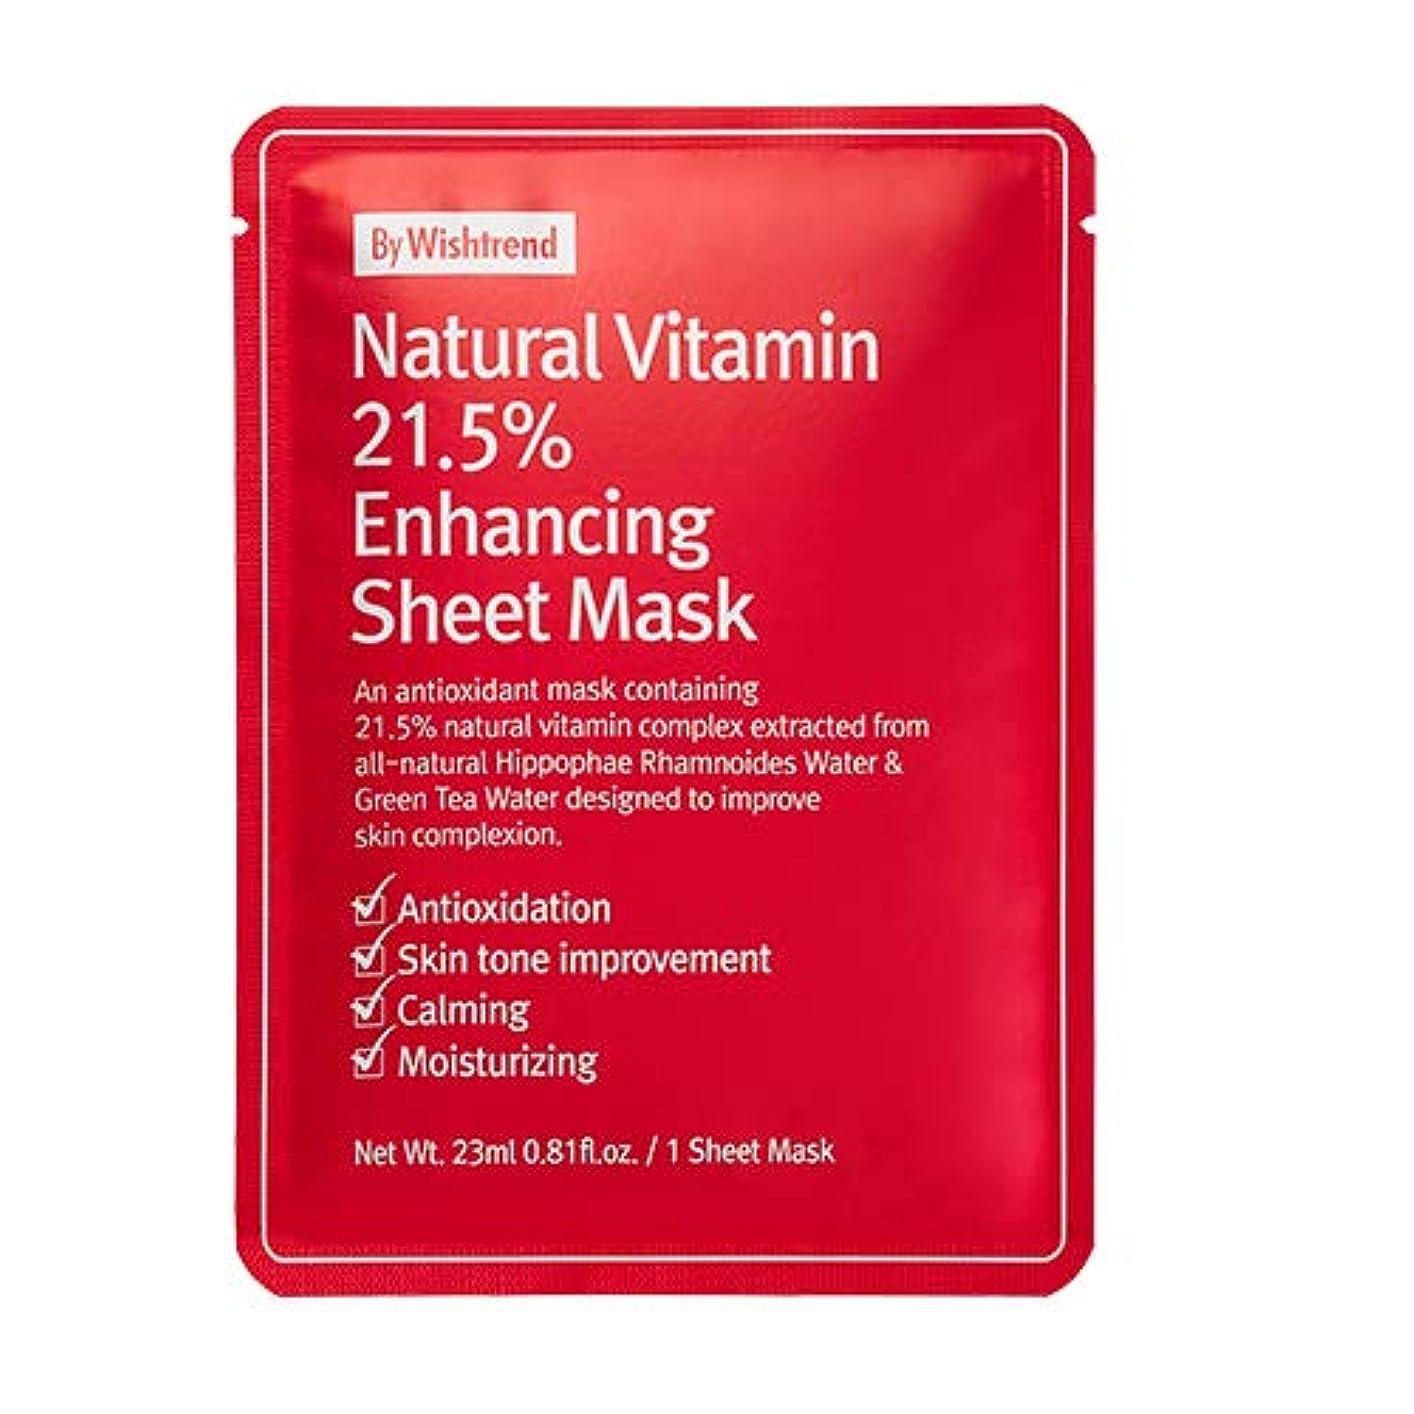 暴露彫刻しかし[BY WISHTREND] ナチュラルビタミン21.5エンハンシング シートマスク 10シート, Natural Vitamin 21.5 Enhancing Mask 10 sheets [並行輸入品]